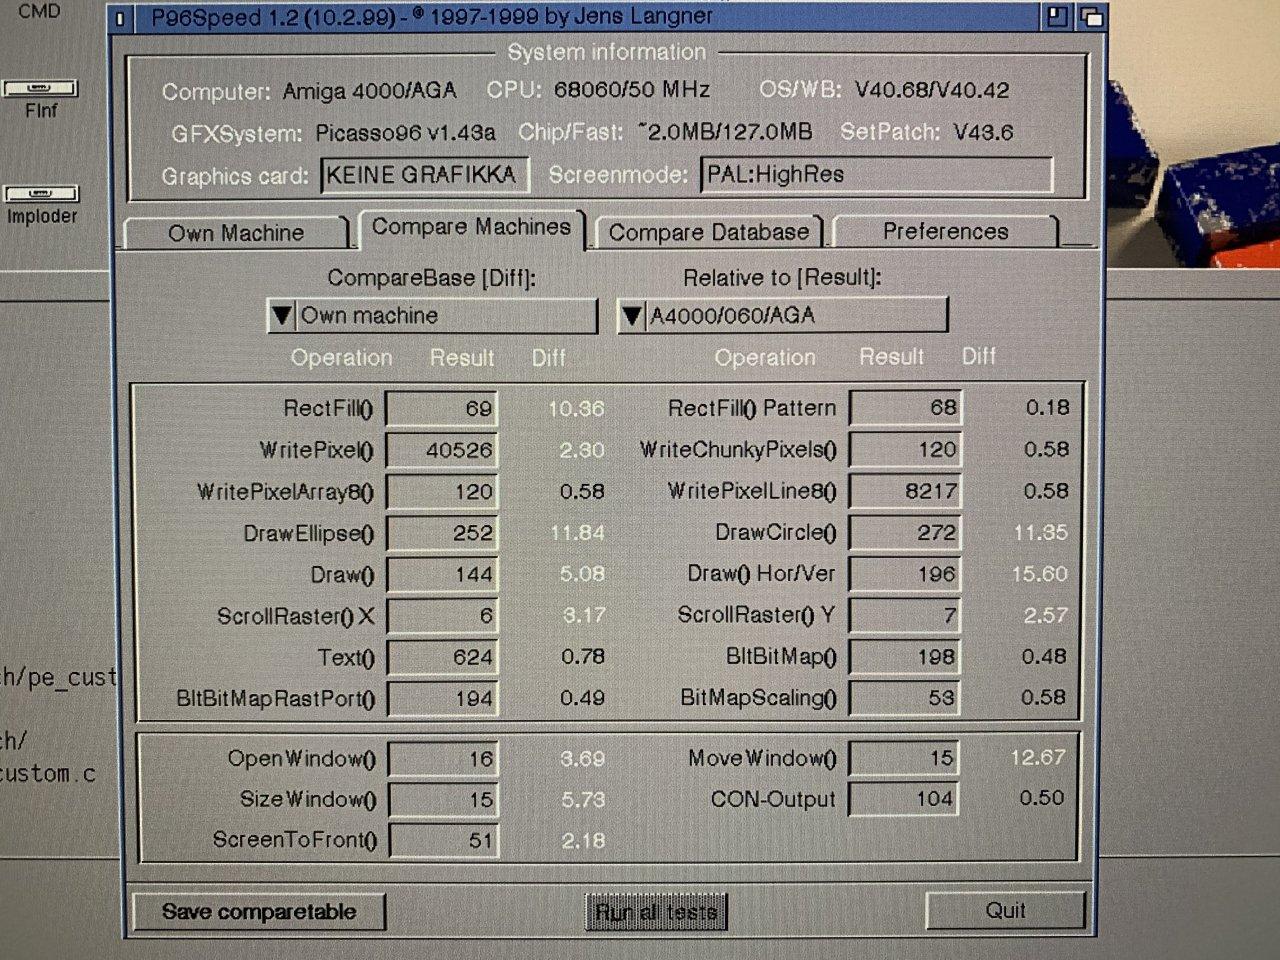 Klikněte na obrázek pro zobrazení větší verze  Název: C513B9D9-B0D9-47E7-8845-711A9CAD622E.jpeg Zobrazeno: 83 Velikost: 325,9 KB ID: 9626